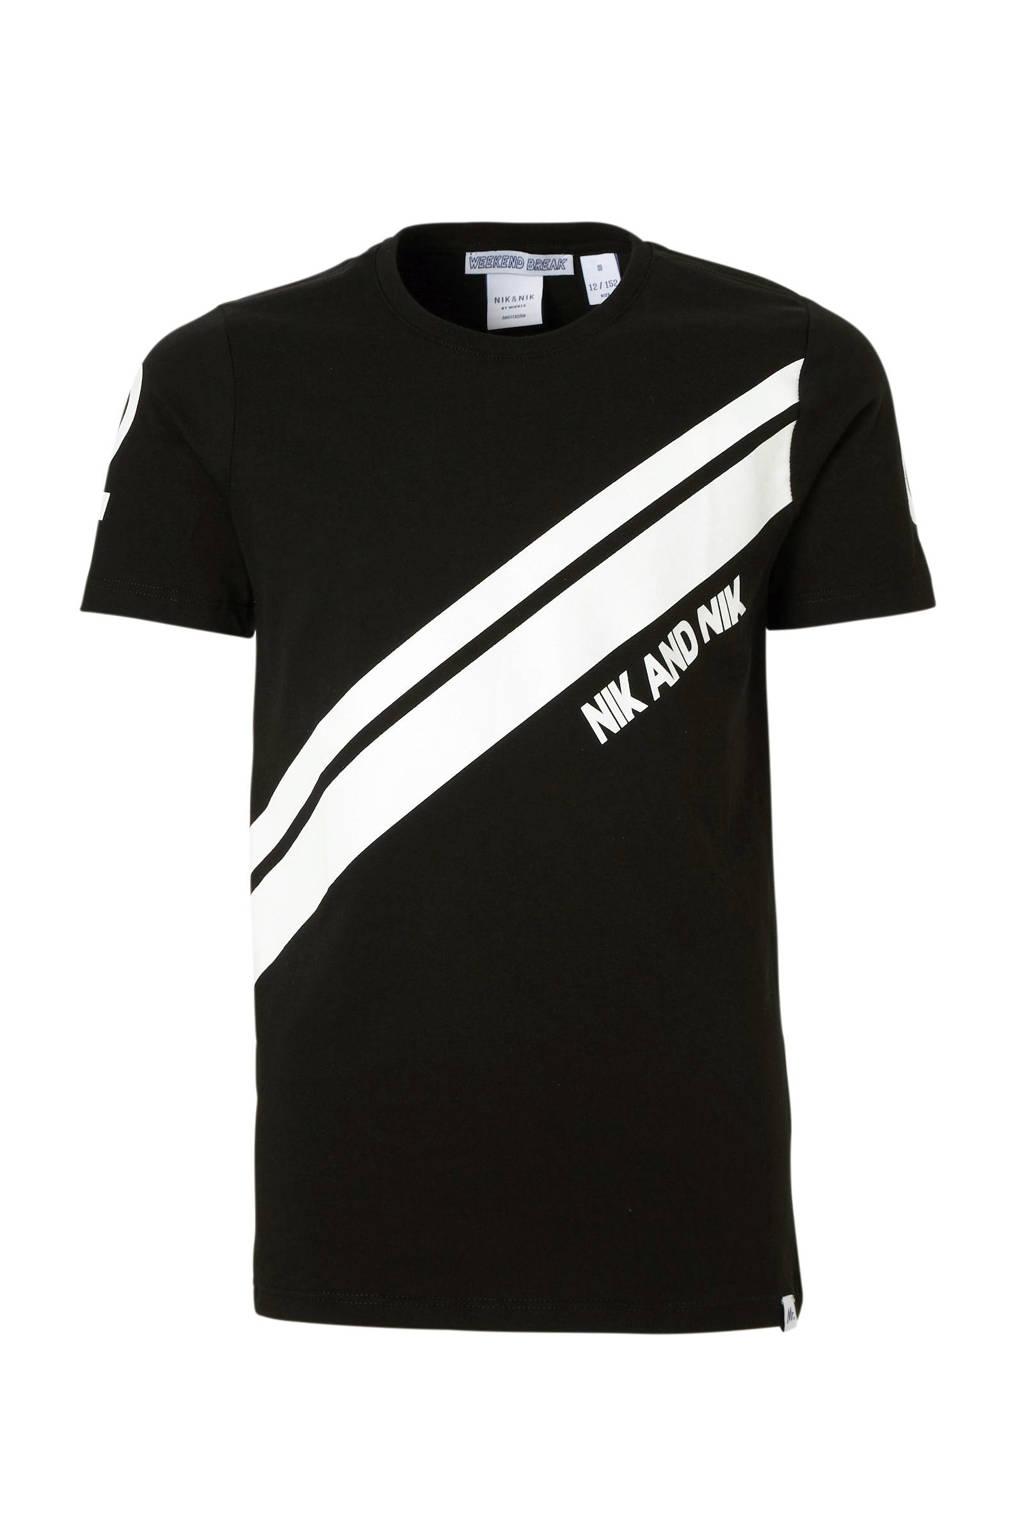 NIK&NIK T-shirt Henk met printopdruk zwart/wit, Zwart/wit